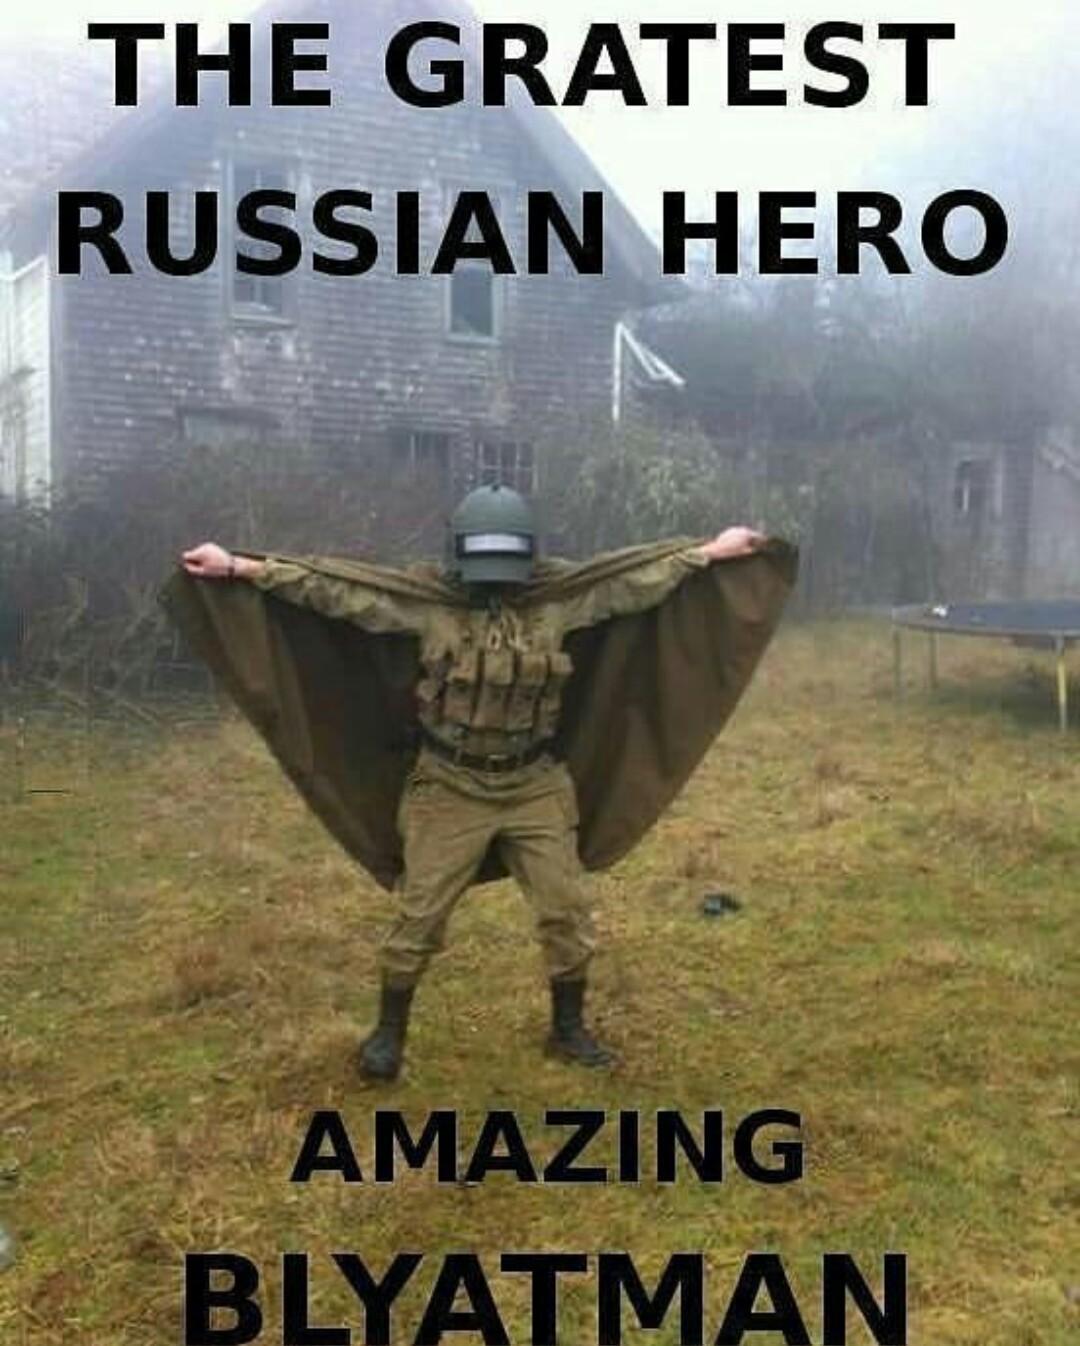 Russian batman - meme